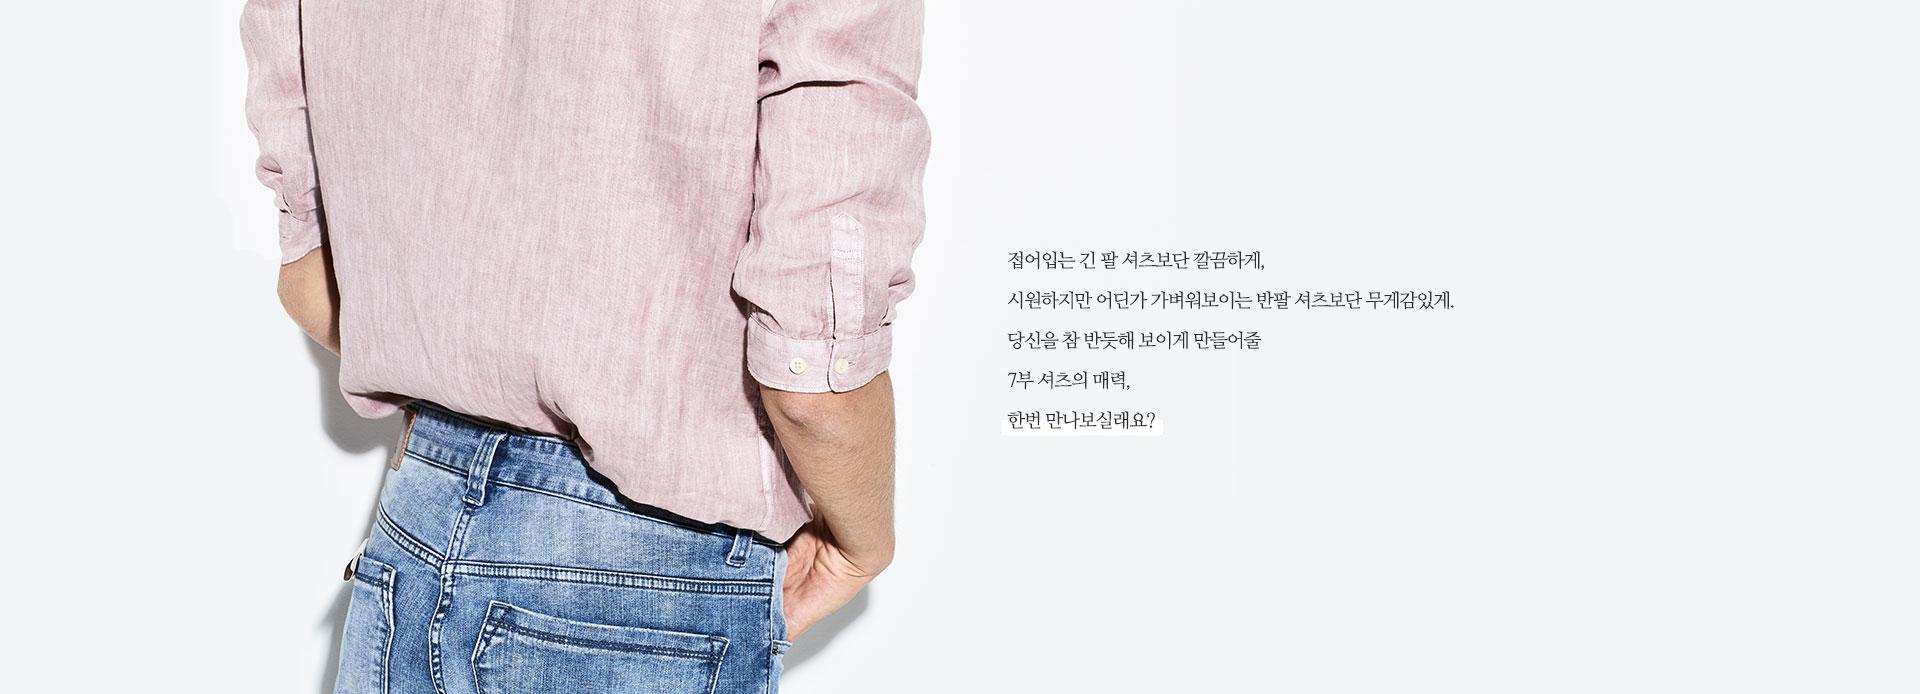 접어입는 긴 팔 셔츠보단 깔끔하게, 시원하지만 어딘가 가벼워보이는 반팔 셔츠보단 무게감있게. 당신을 참 반듯해 보이게 만들어 줄 7부 셔츠의 매력, 한번 만나보실래요?